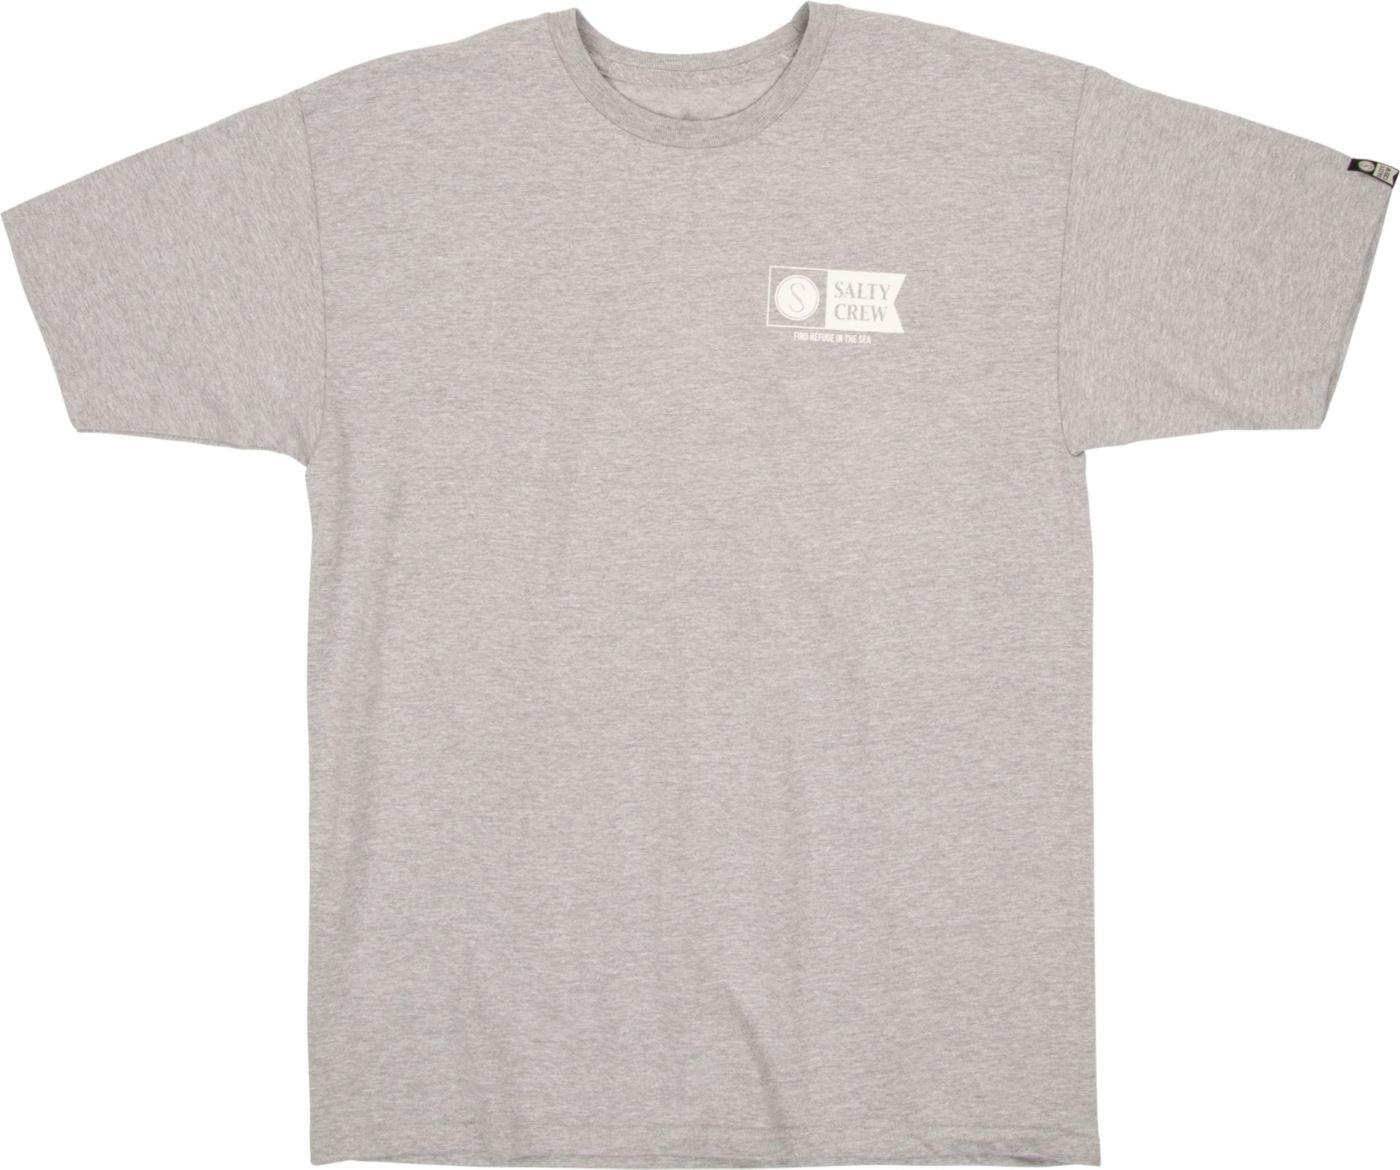 Salty Crew Men's Alpha Short Sleeve T-Shirt